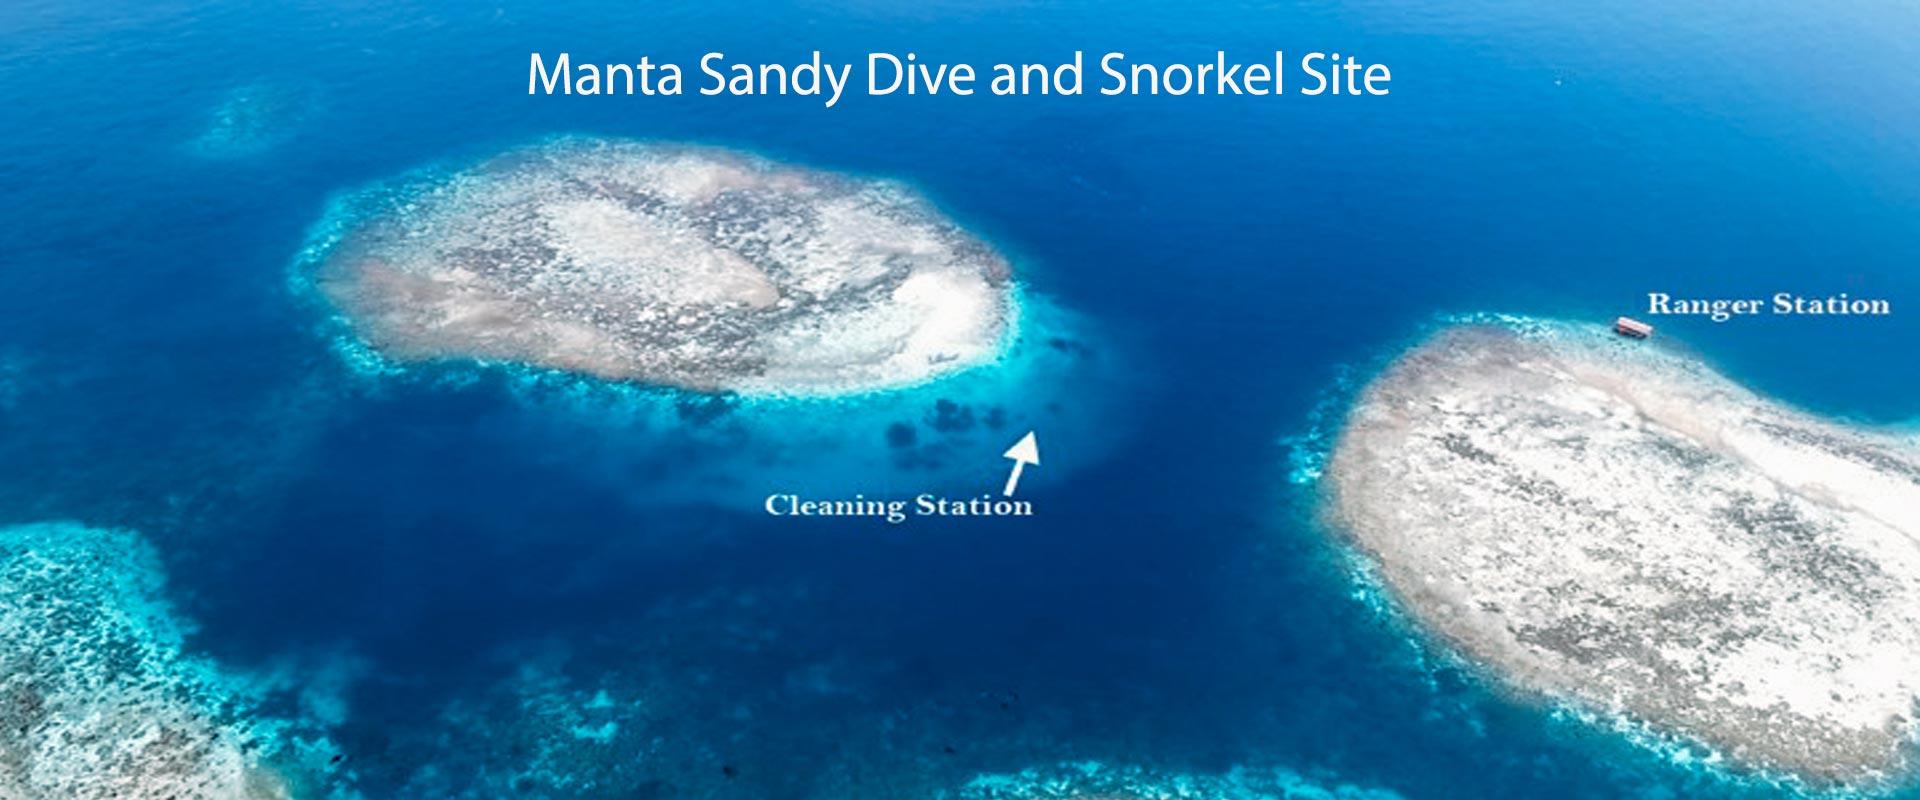 Manta-Sandy-Aerial-header